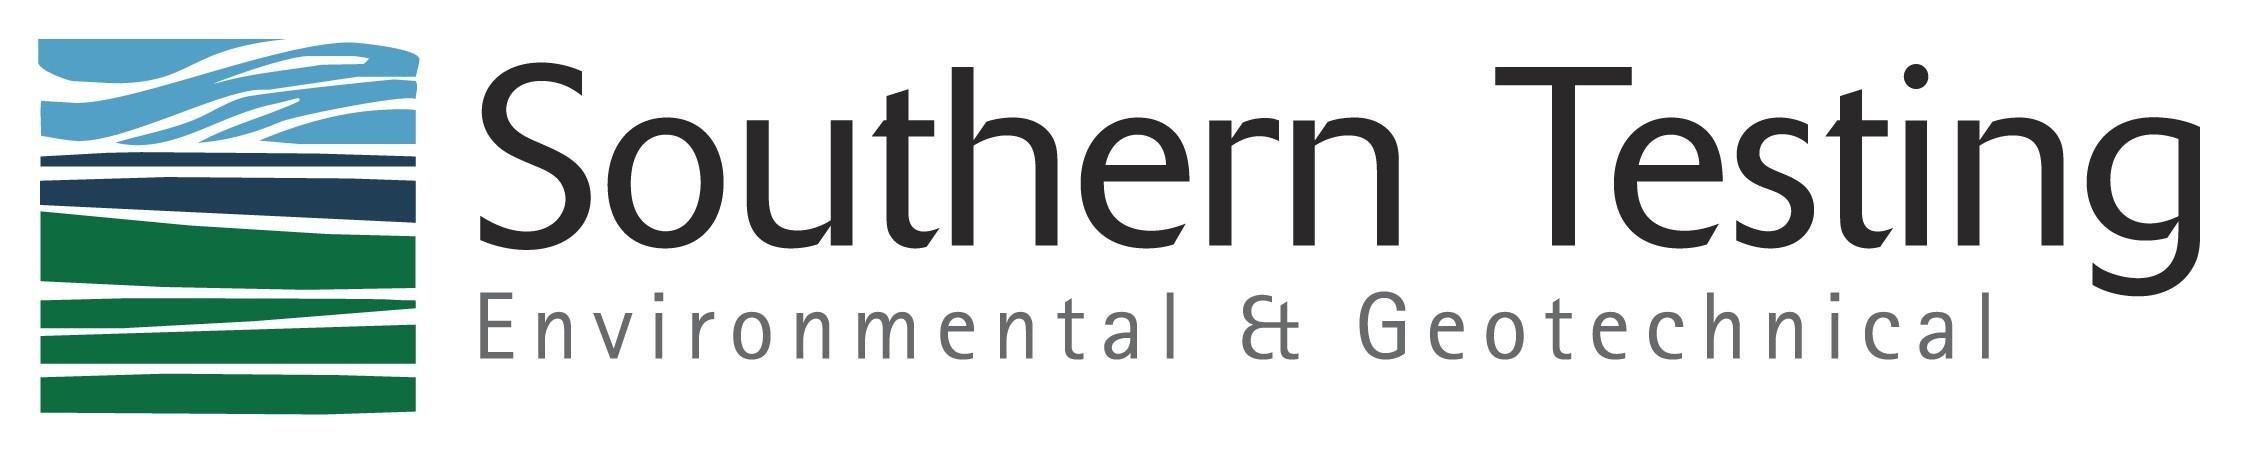 SouthernTesting logoJpeg